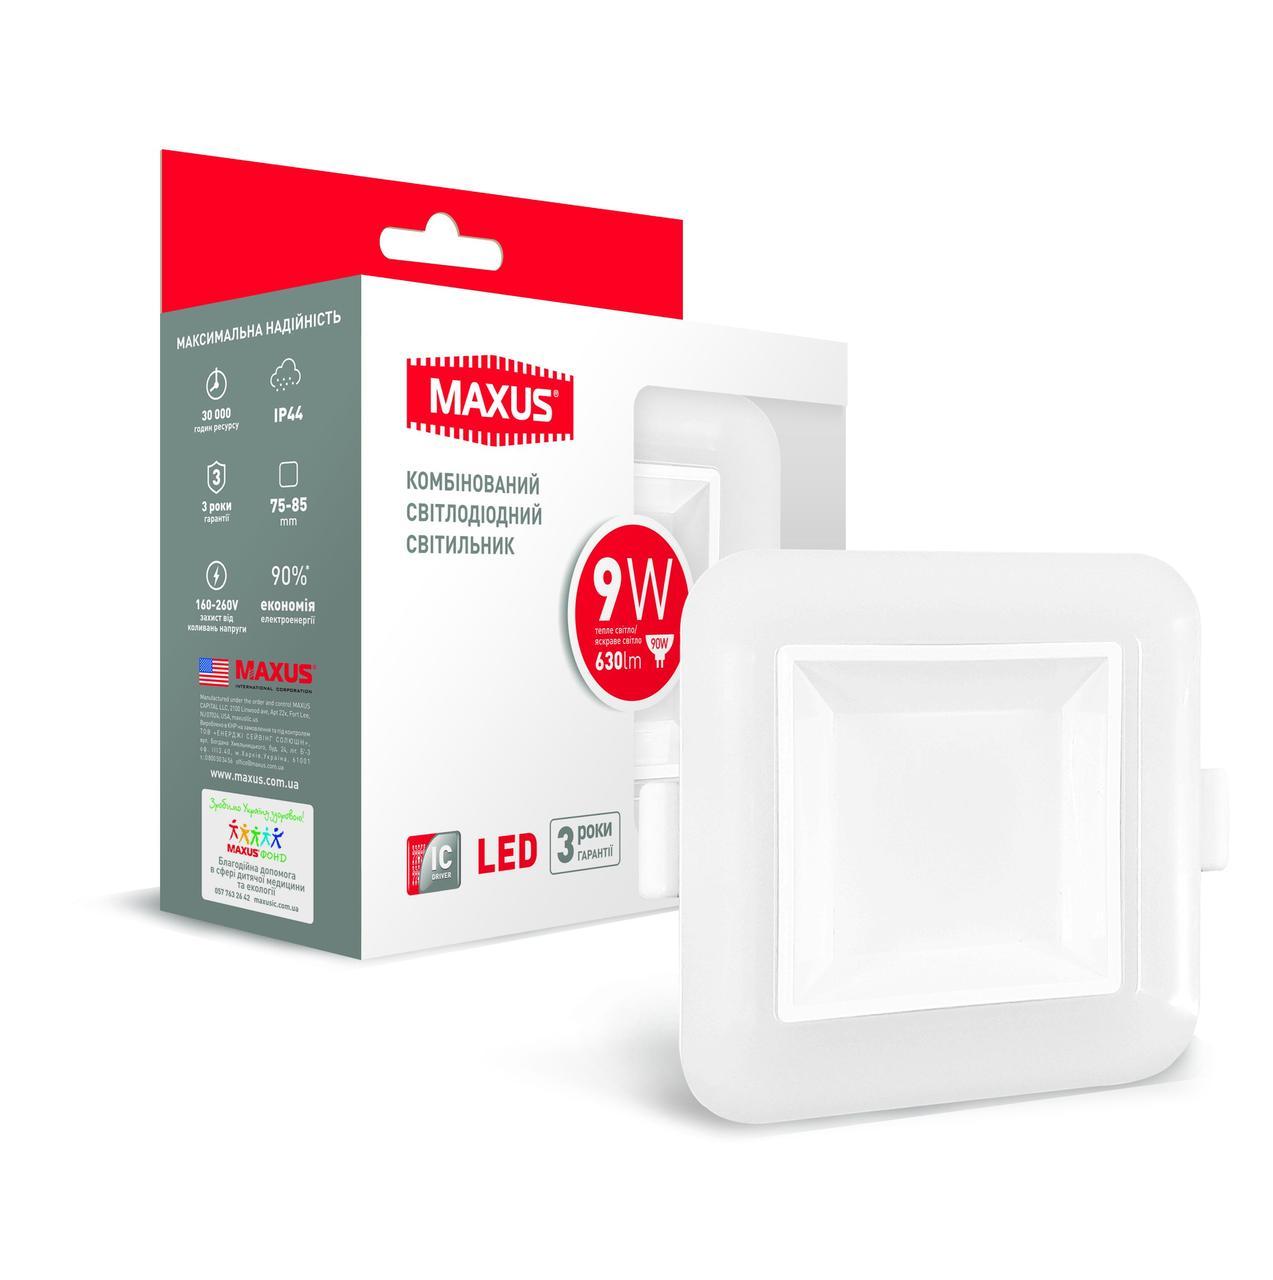 Светодиодный умный точечный светильник MAXUS 9Вт Квадрат